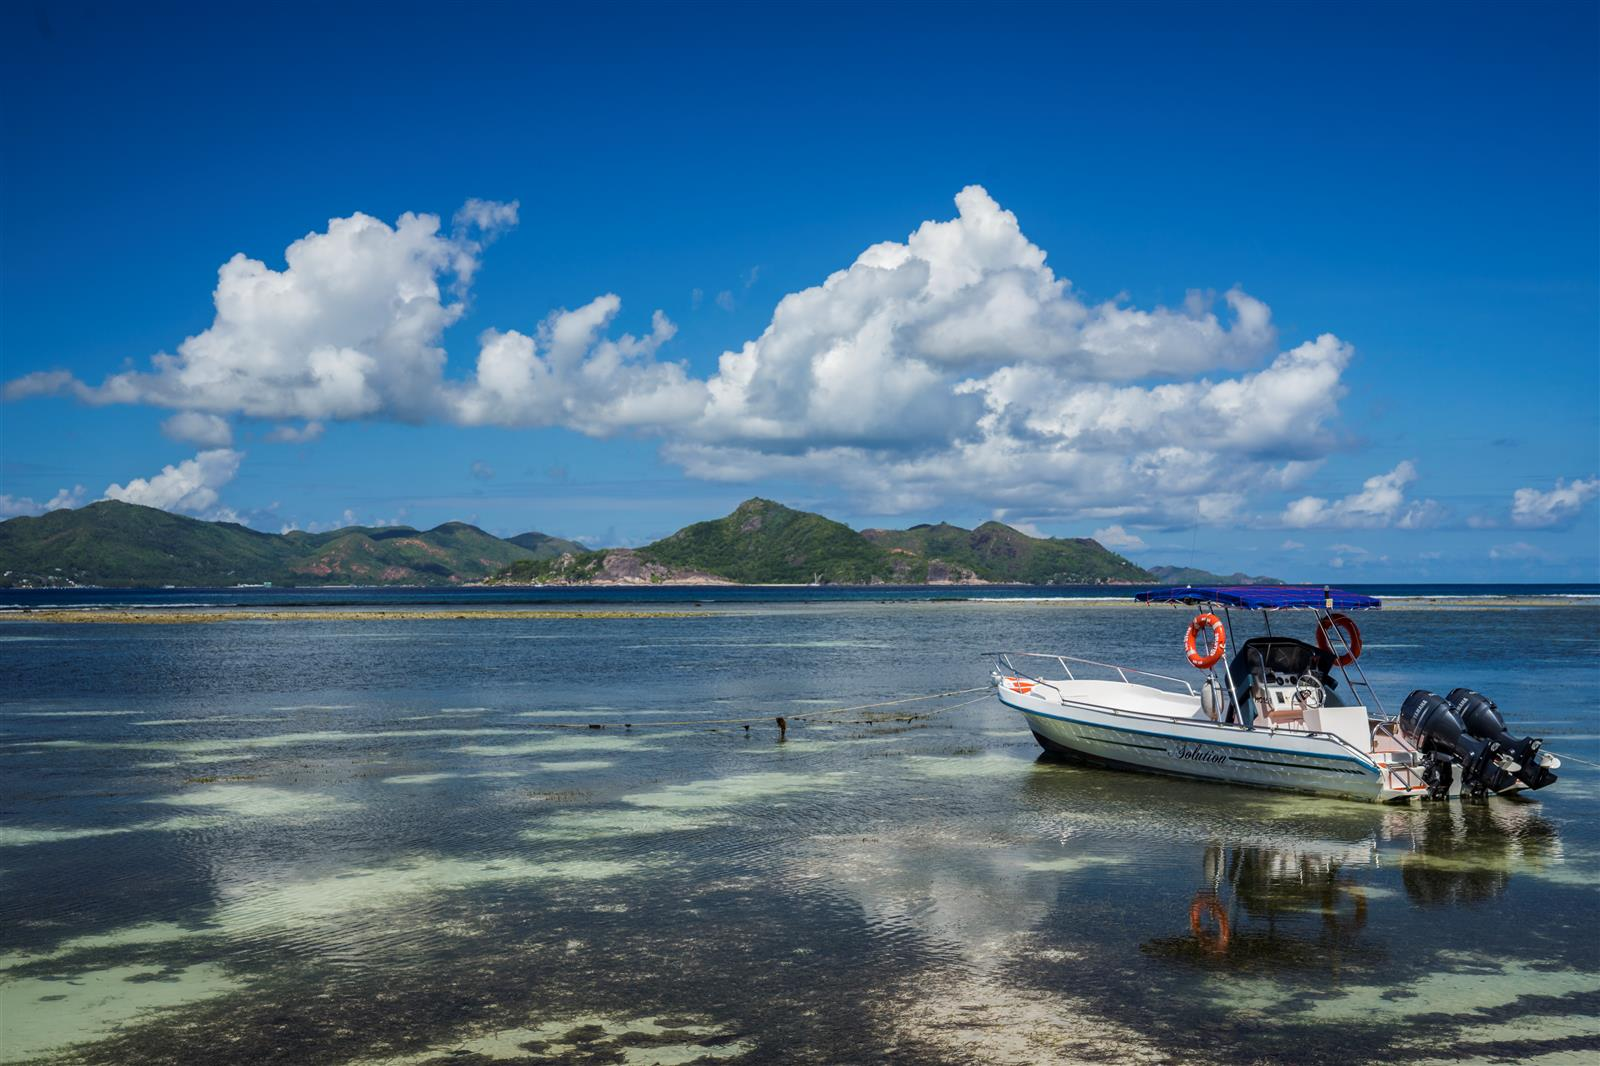 תתרגלו להתנייד באמצעות הסירות (צילום: איתמר קוטלר) (צילום: איתמר קוטלר)